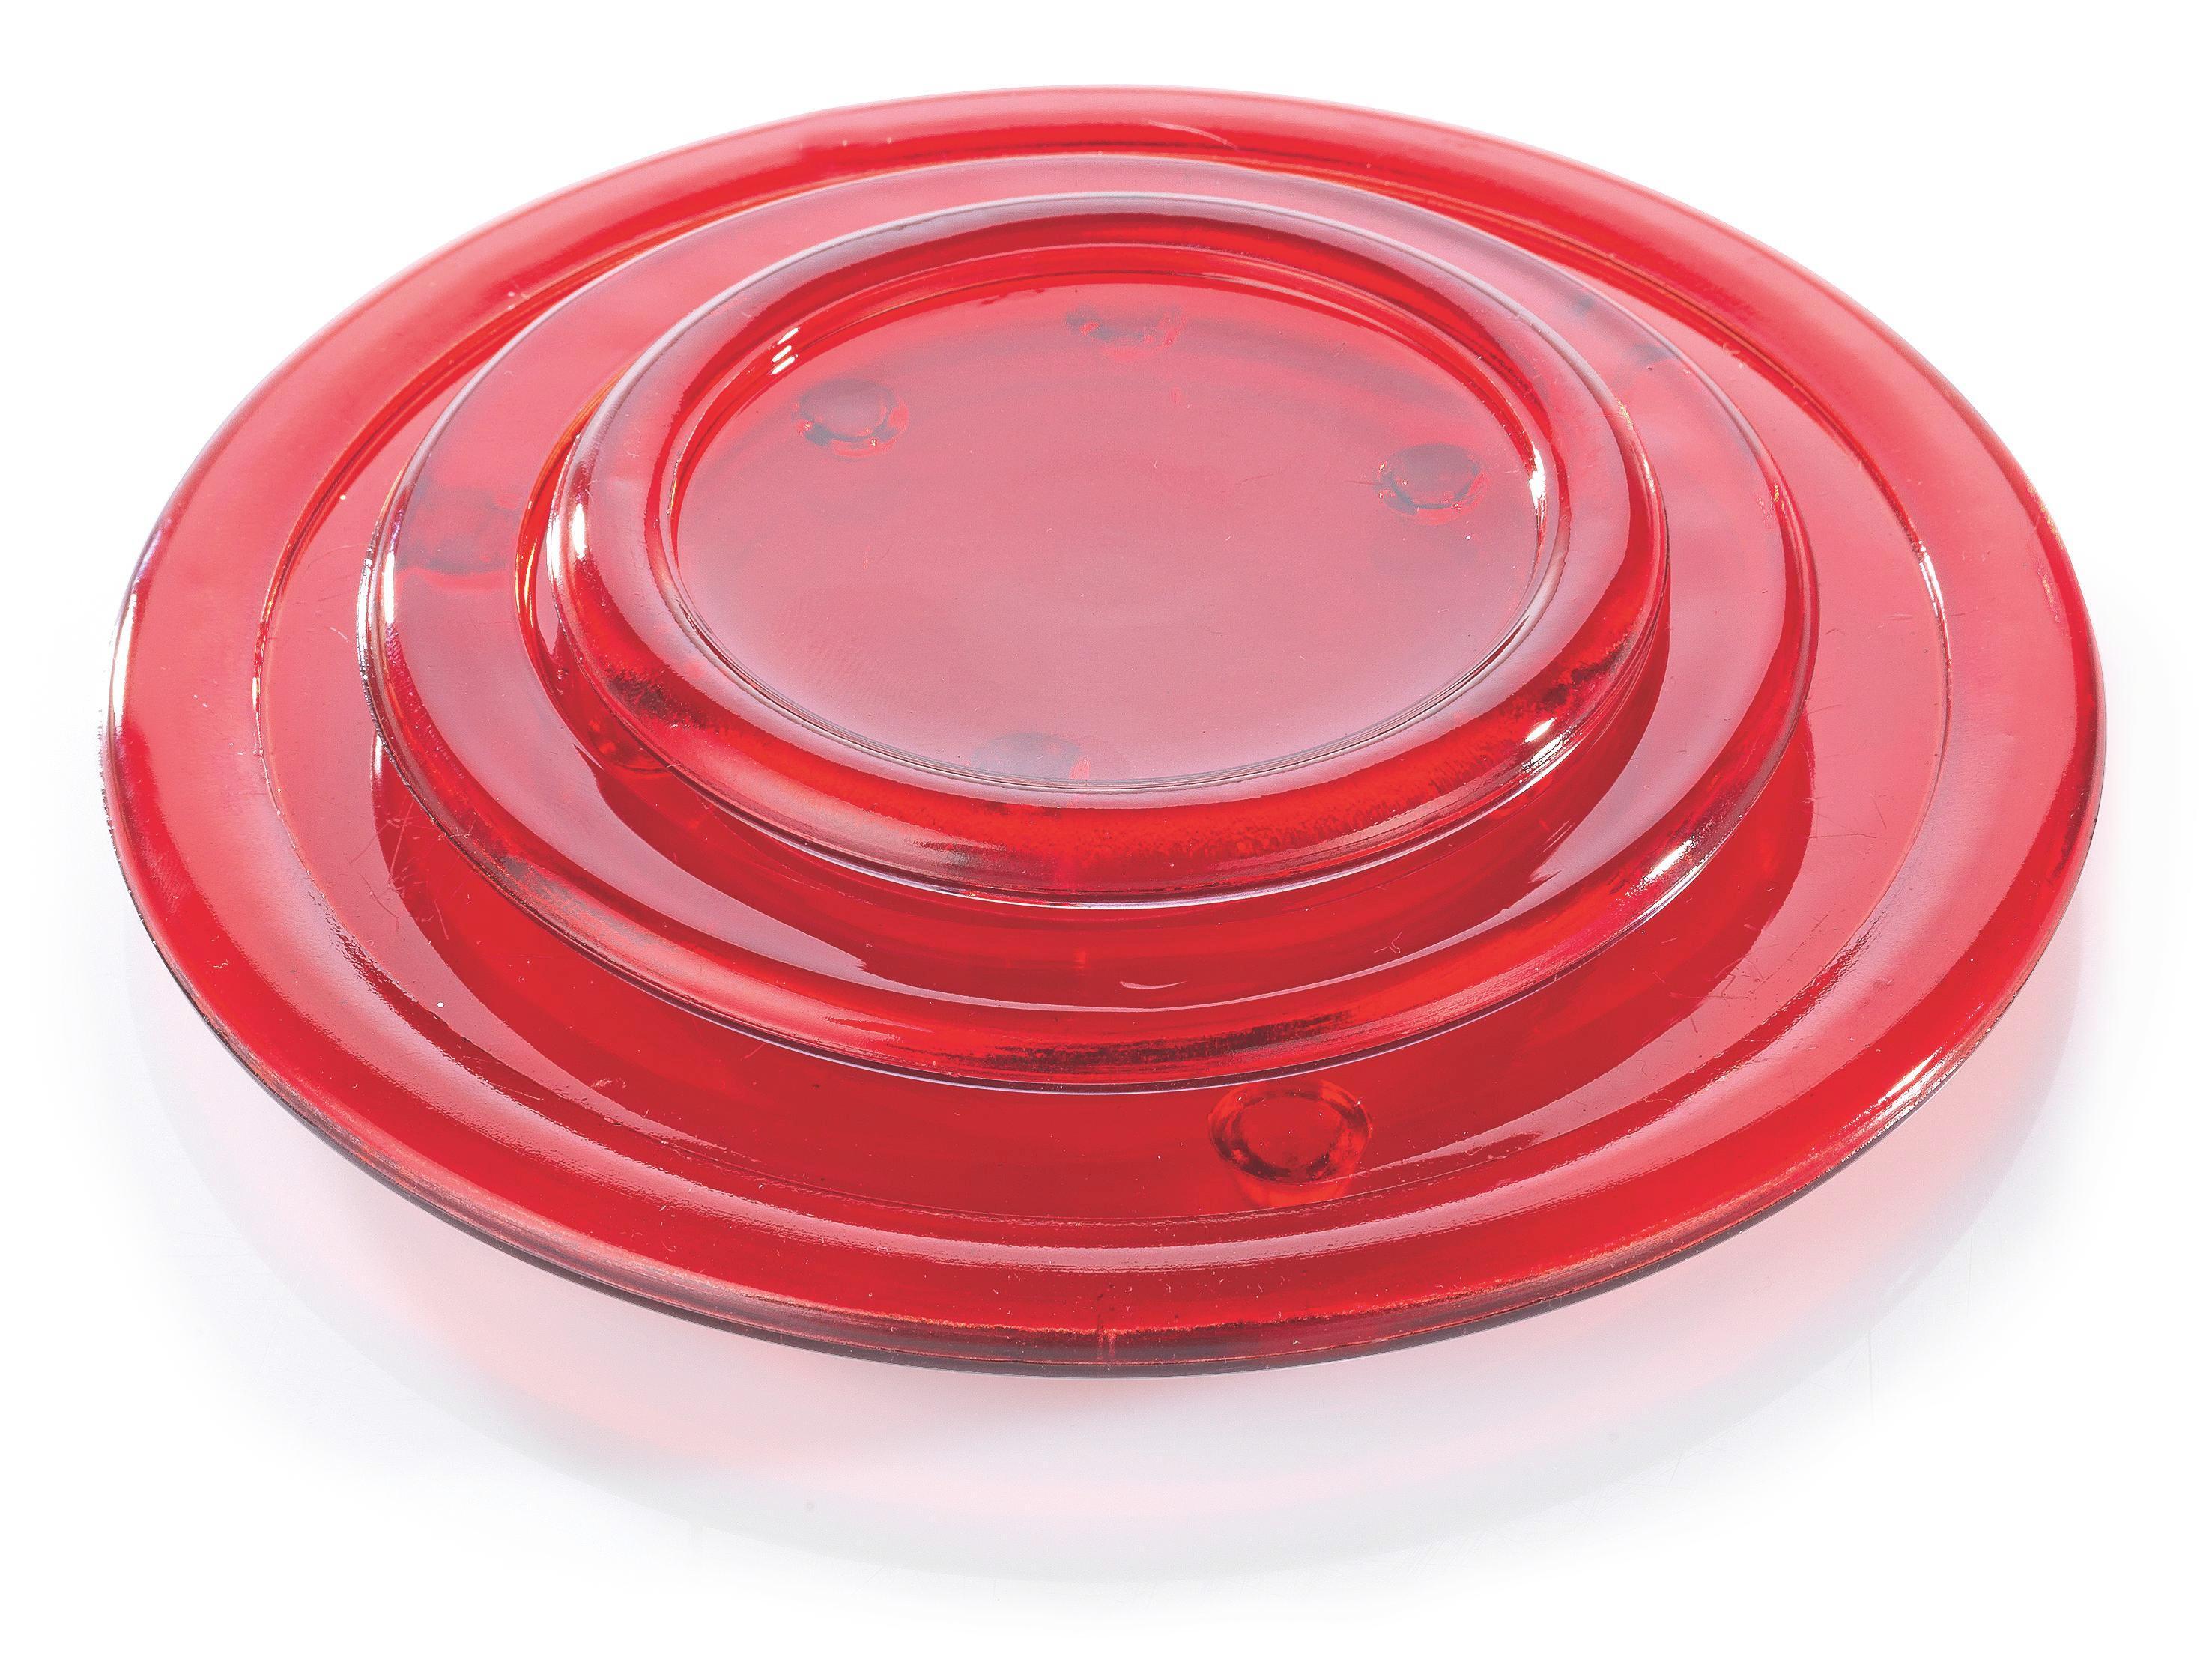 Podstavek Za Svečo Evelyn - lila/rdeča, Konvencionalno, steklo (13cm) - MÖMAX modern living